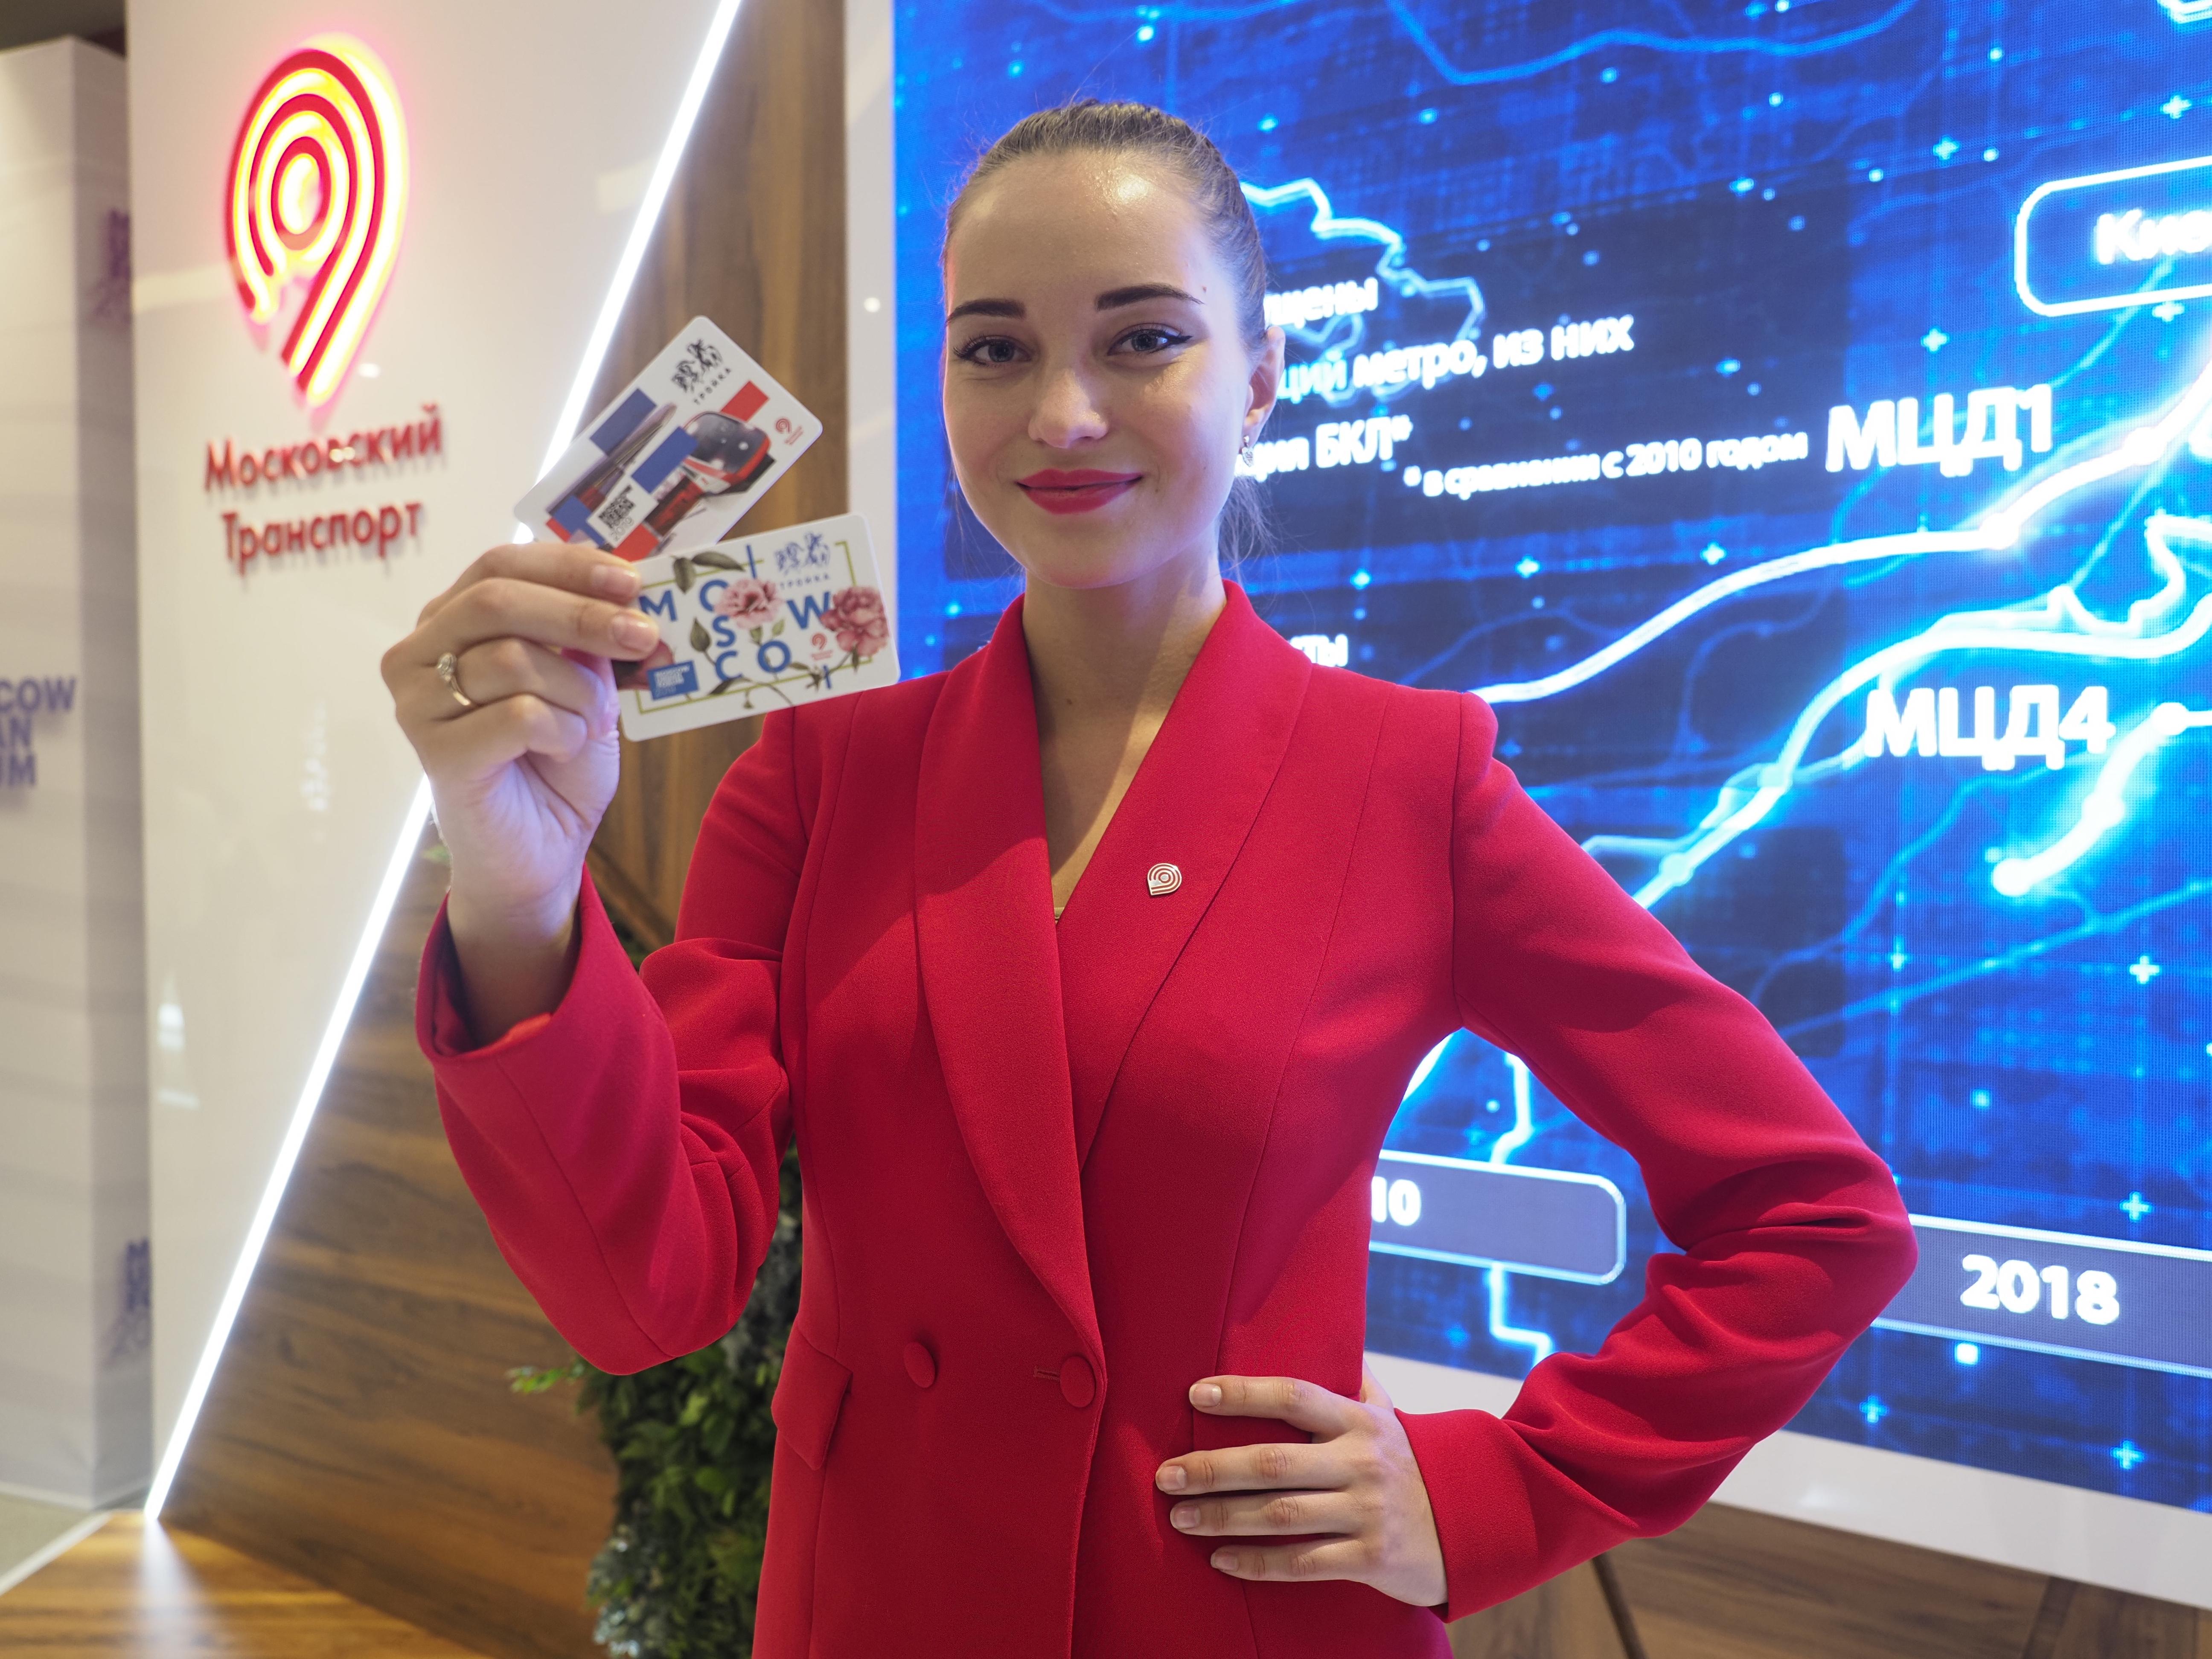 Московские пассажиры оплатят мобильную связь благодаря «Тройке»